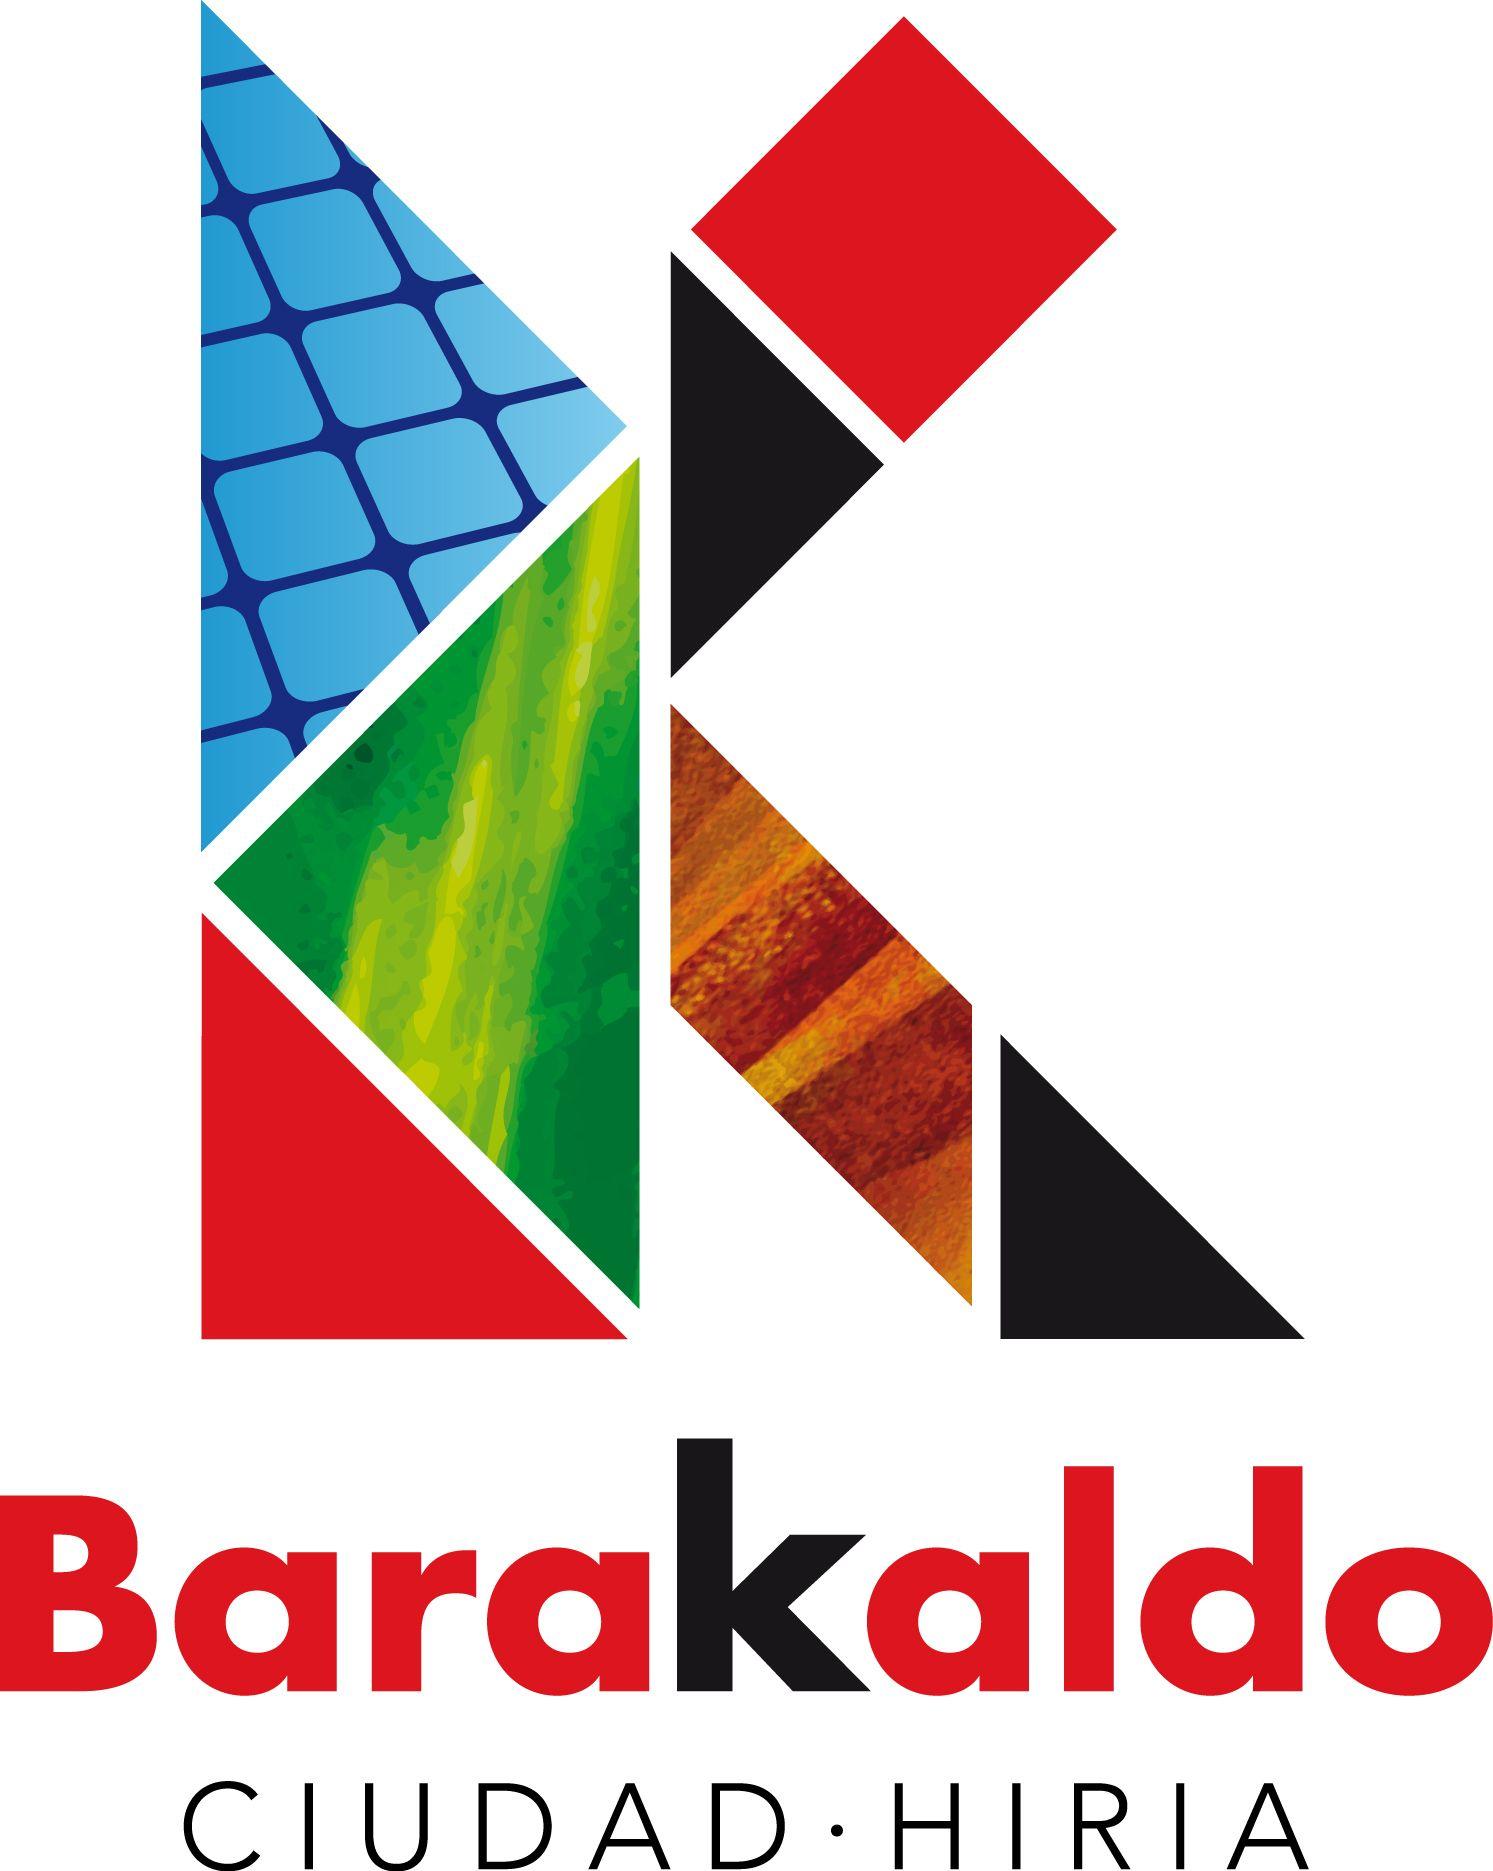 Imagen para la ciudad de Barakaldo Ciudades